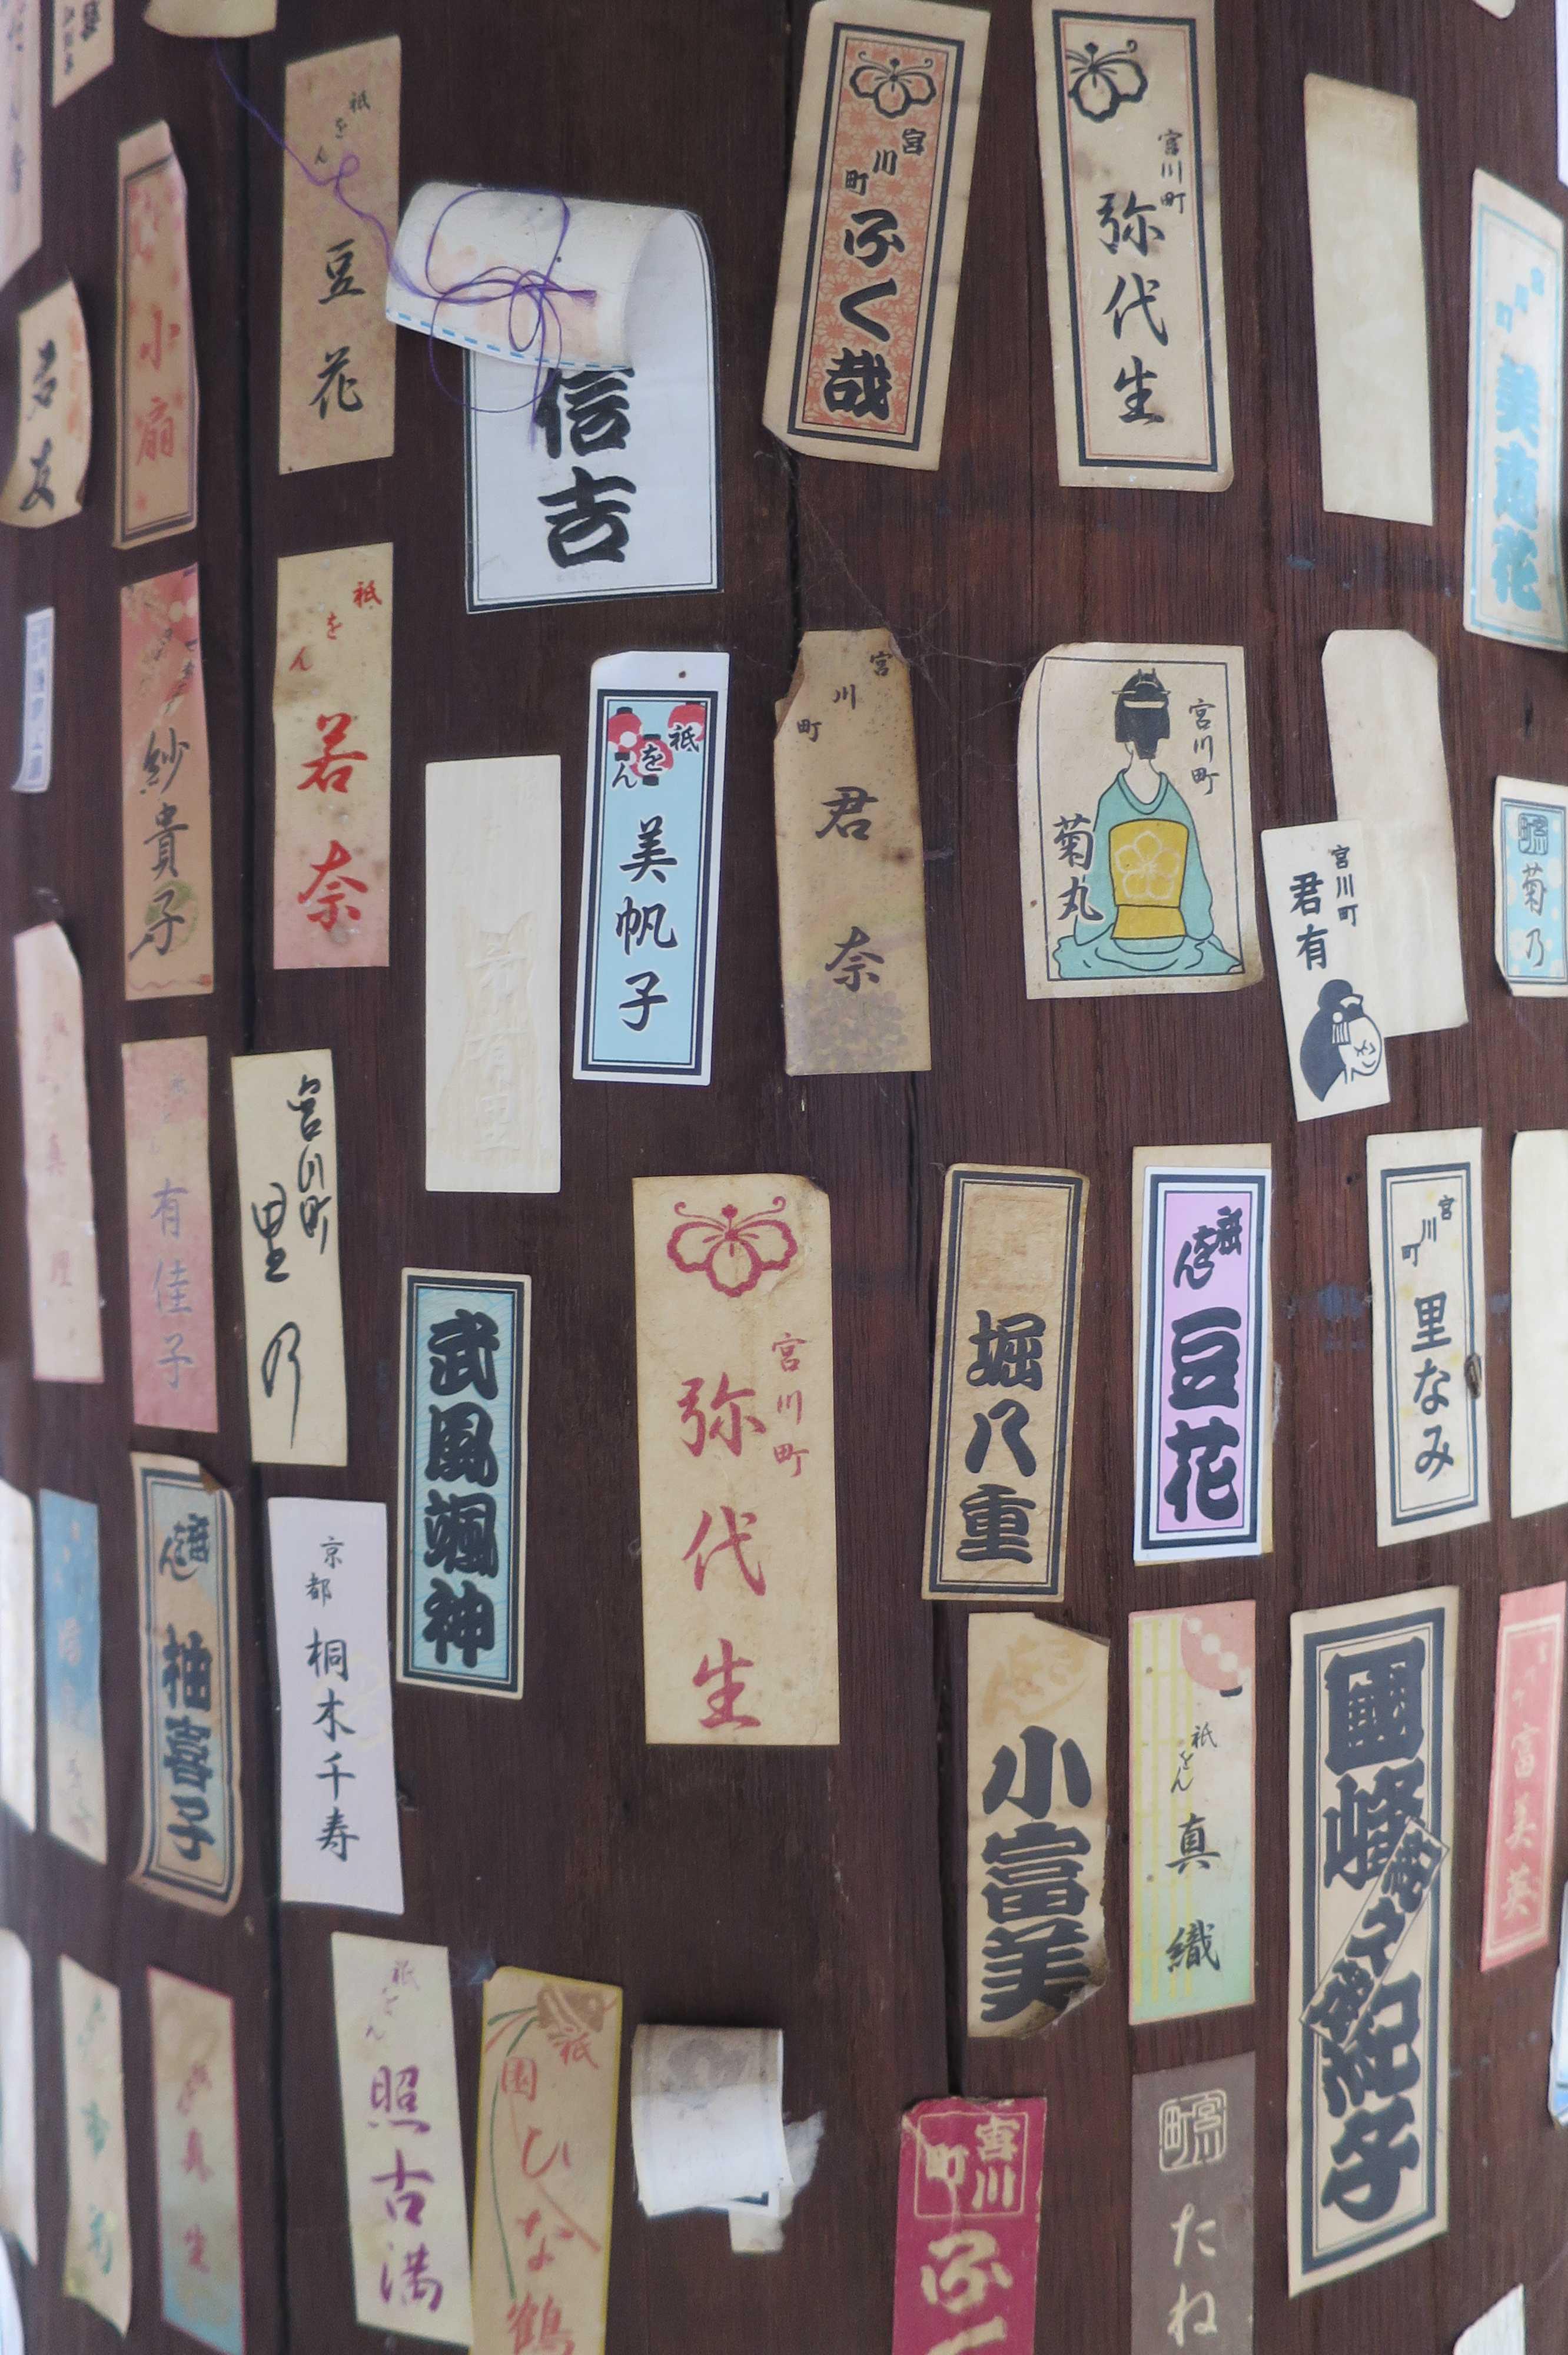 京都・六角堂 - 祇をんの舞妓・芸妓たちの千社札